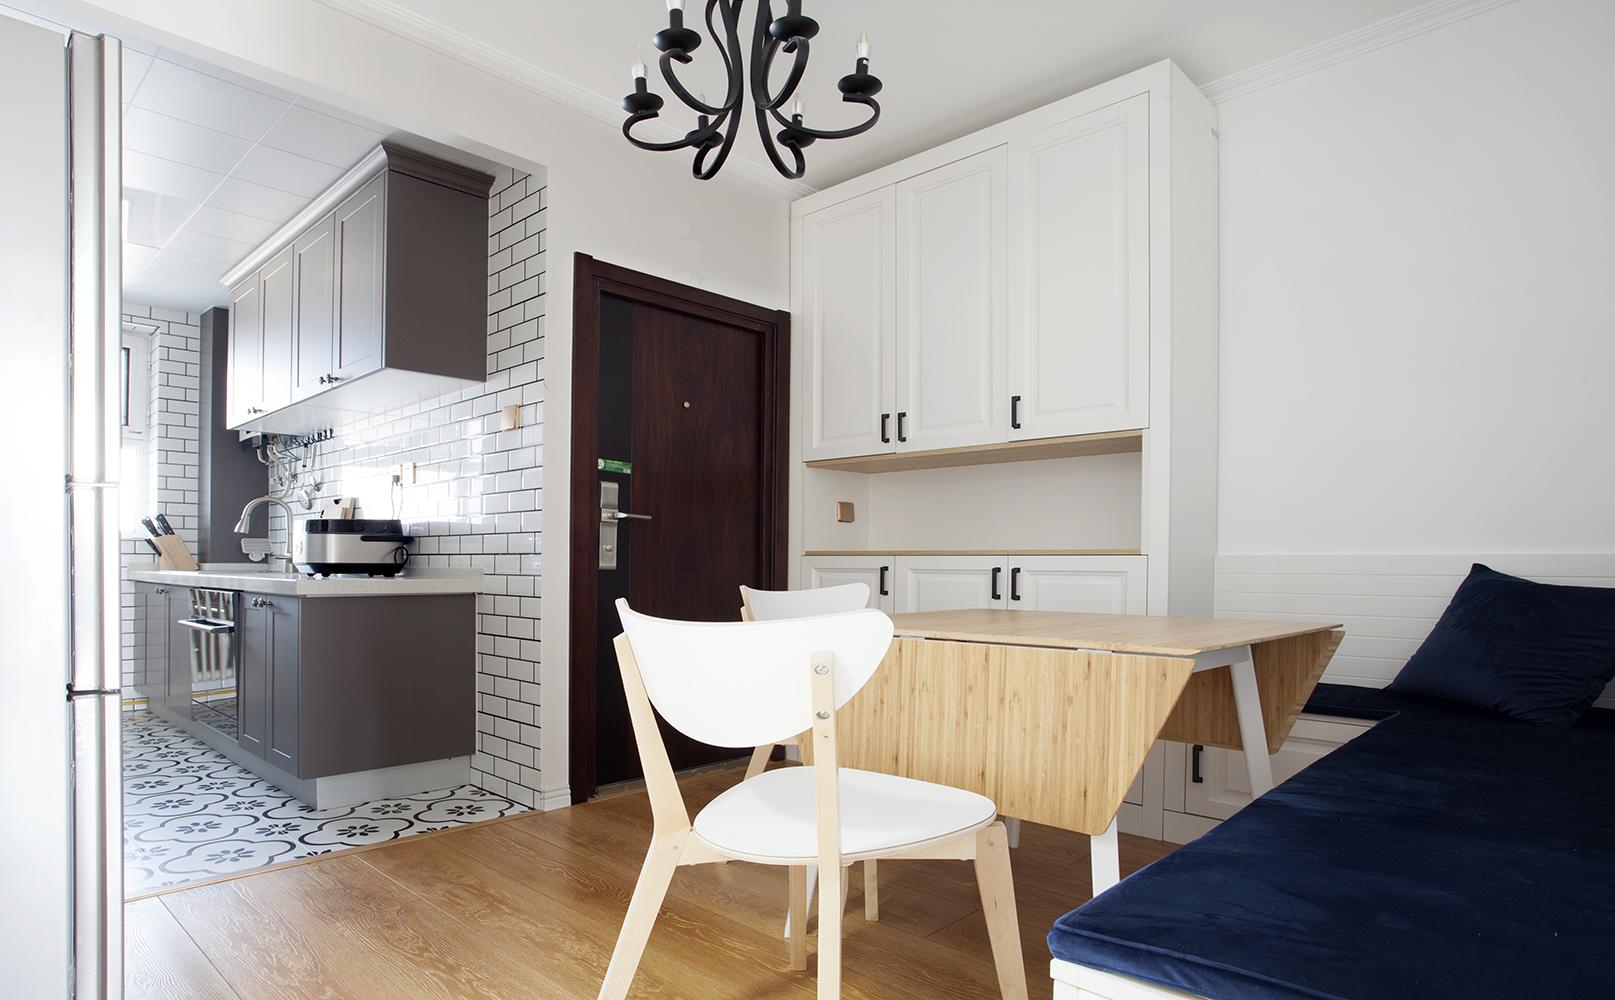 小户型空间如何设计?这些技巧告诉你